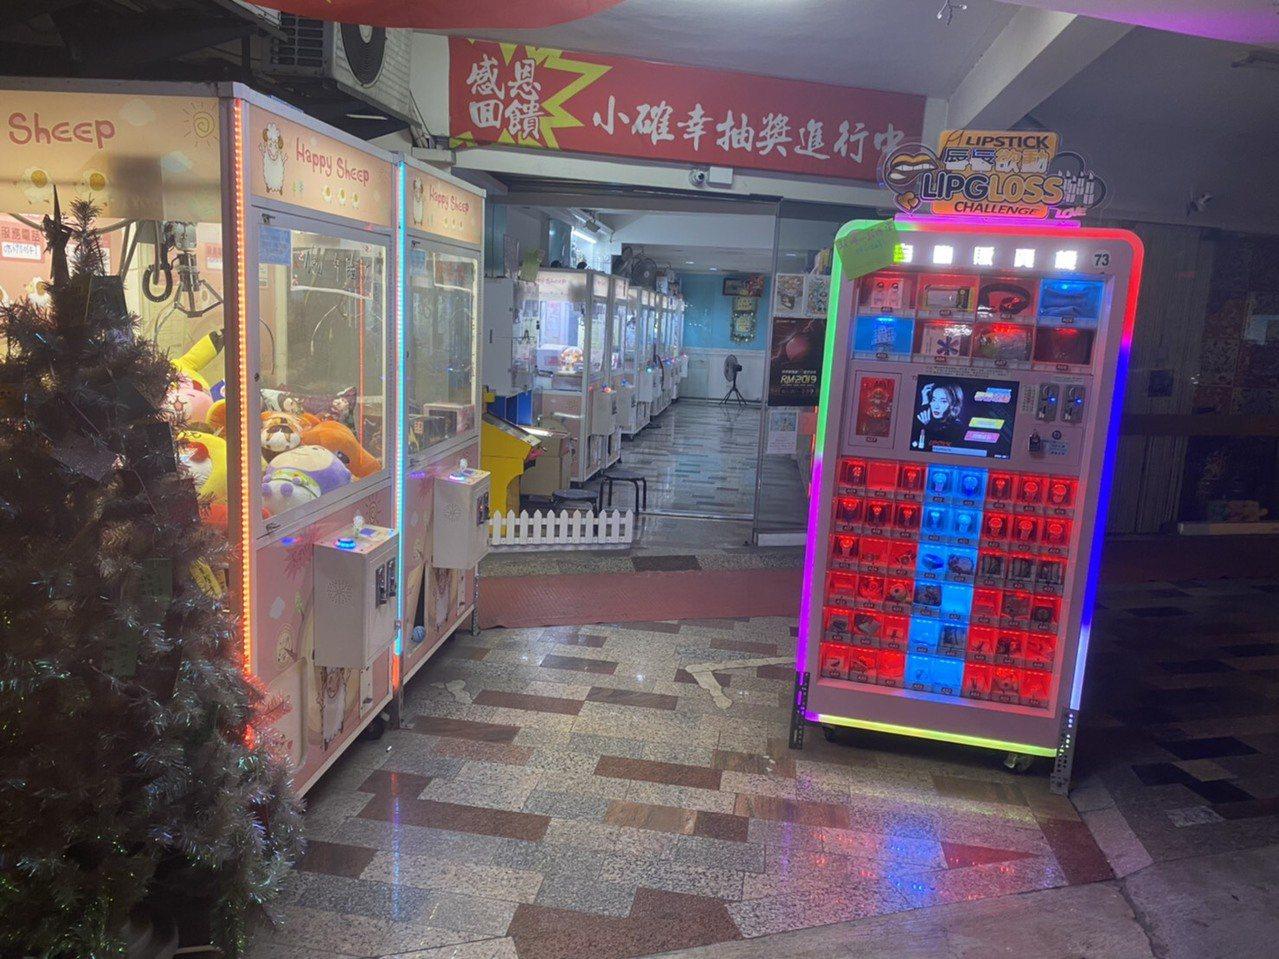 台南市北區娃娃機店兌幣機鎖頭遭人破壞,造成業者損失,警方展開調查。記者黃宣翰/翻...